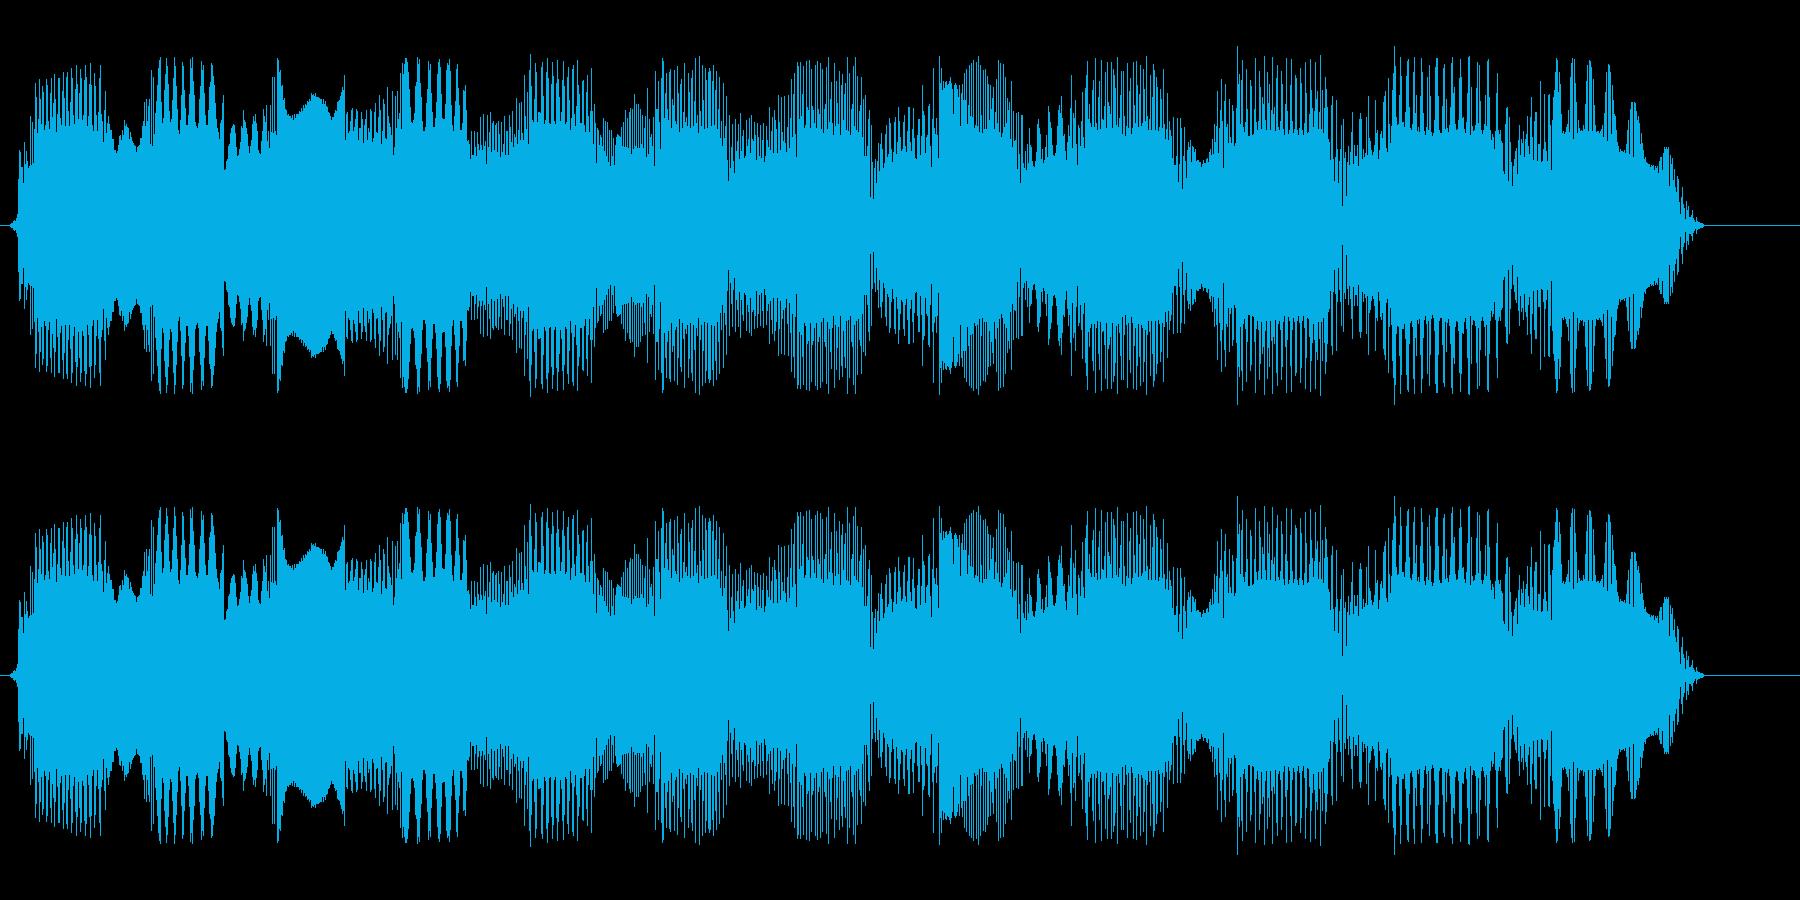 ピロロロロ、という怪しげな電子音の再生済みの波形